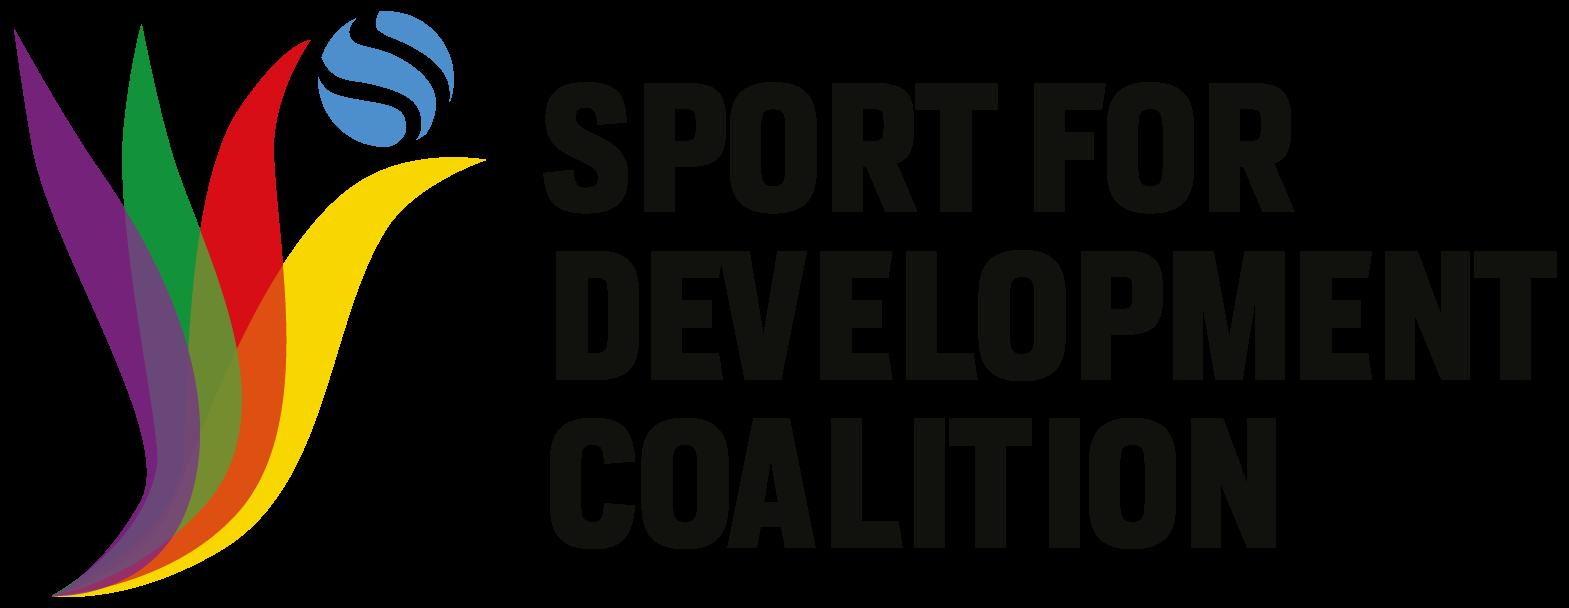 S4DC-Colour-Logo_text.png